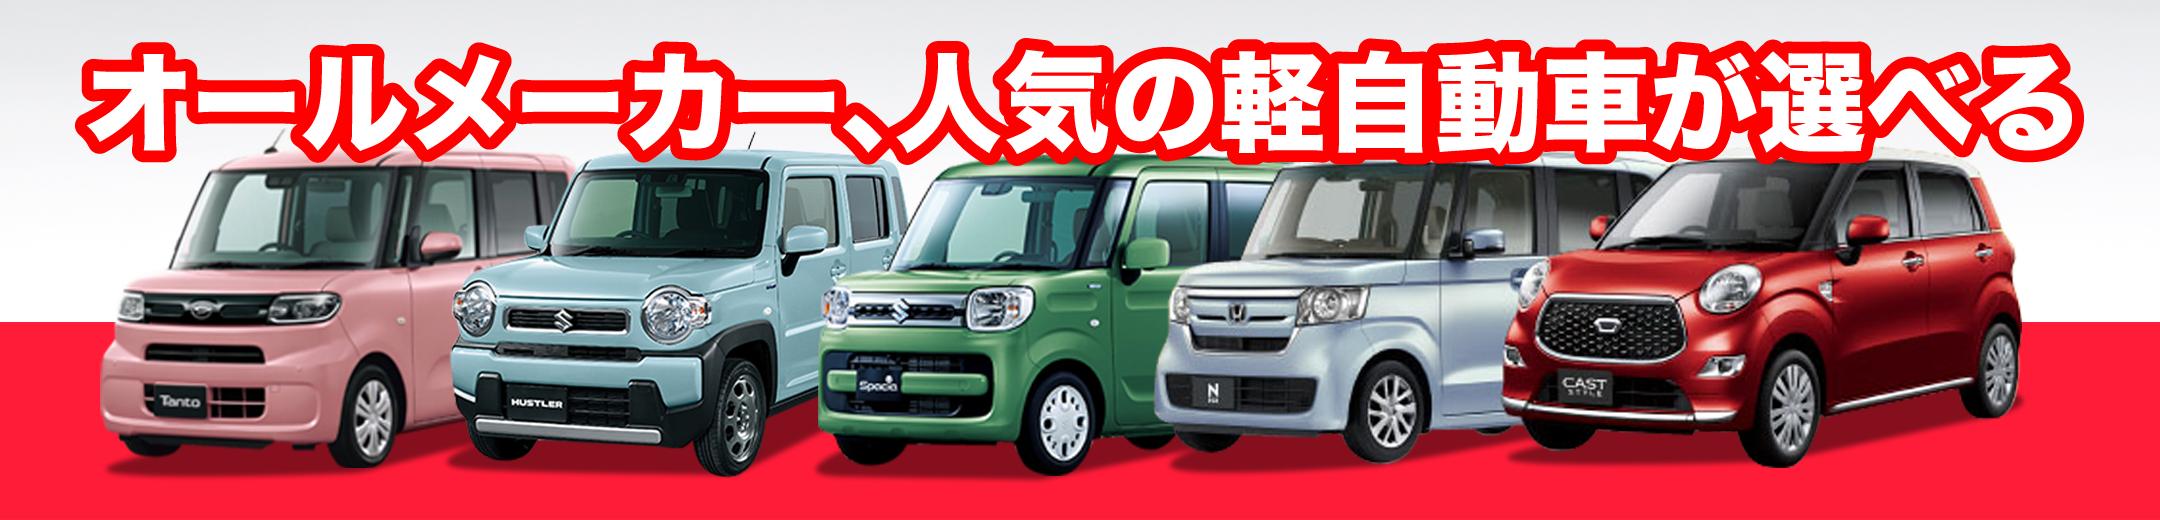 イマムラオート・フラット7熊本の取扱車種